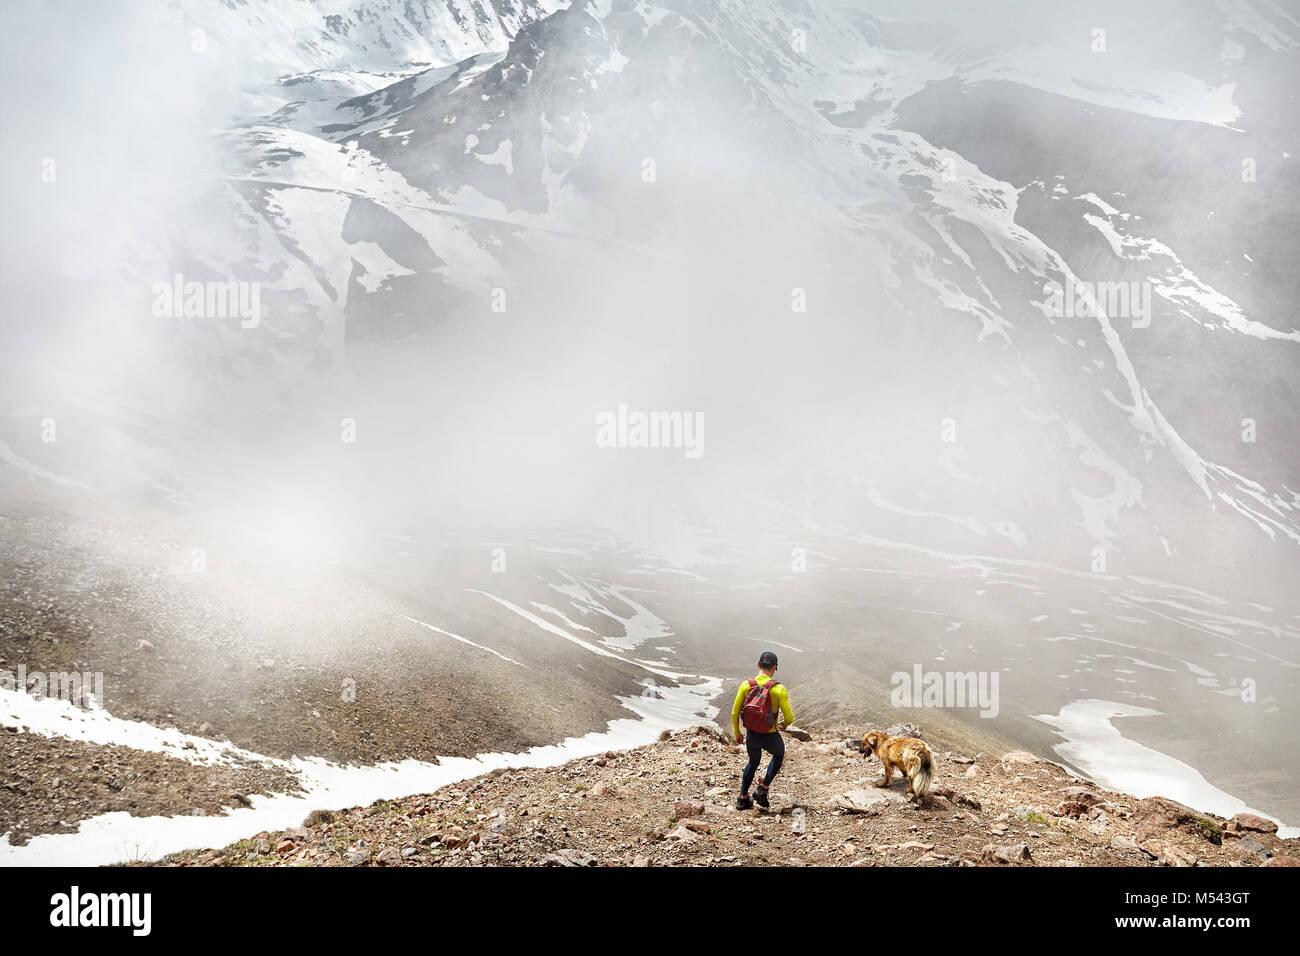 Wanderer in grünes T-Shirt mit Rucksack und hundewiesen in der schneebedeckten Berge an nebligen Himmel Hintergrund Stockbild